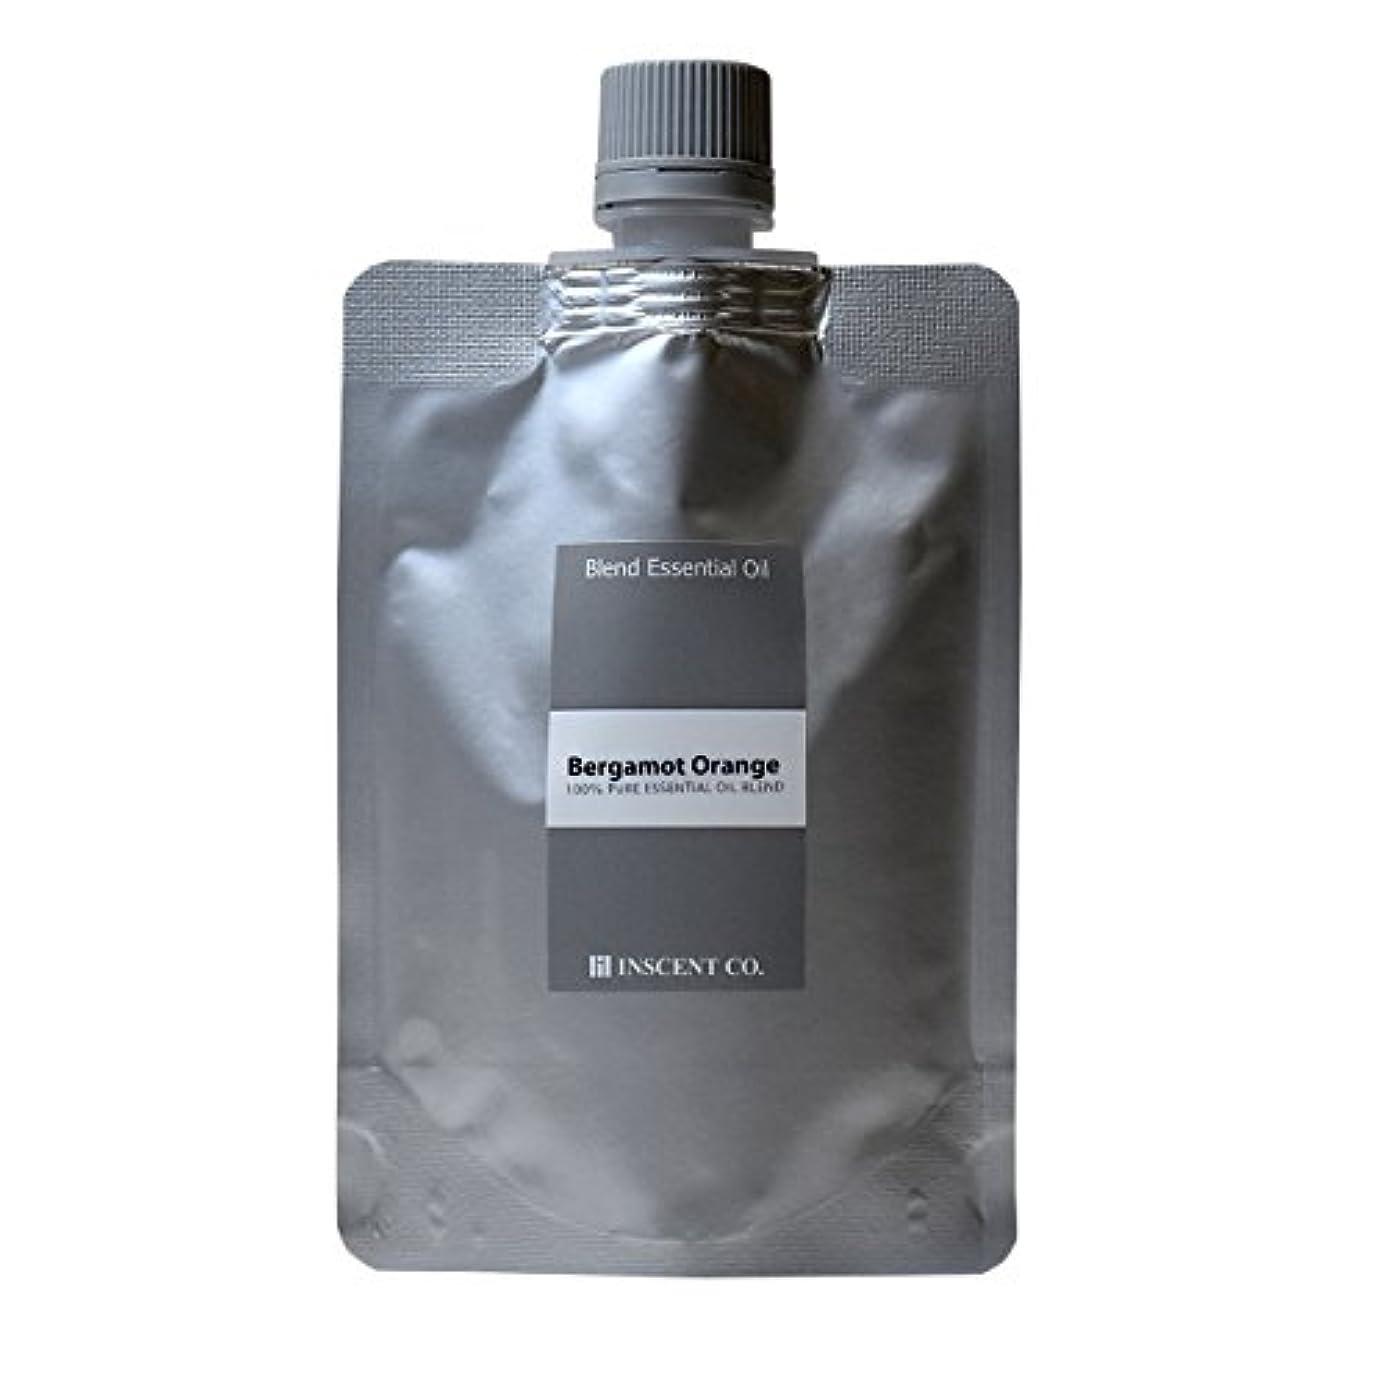 イソギンチャクジャベスウィルソン曇った(詰替用 アルミパック) アロマ ブレンド ベルガモットオレンジ 50ml インセント アロマオイル